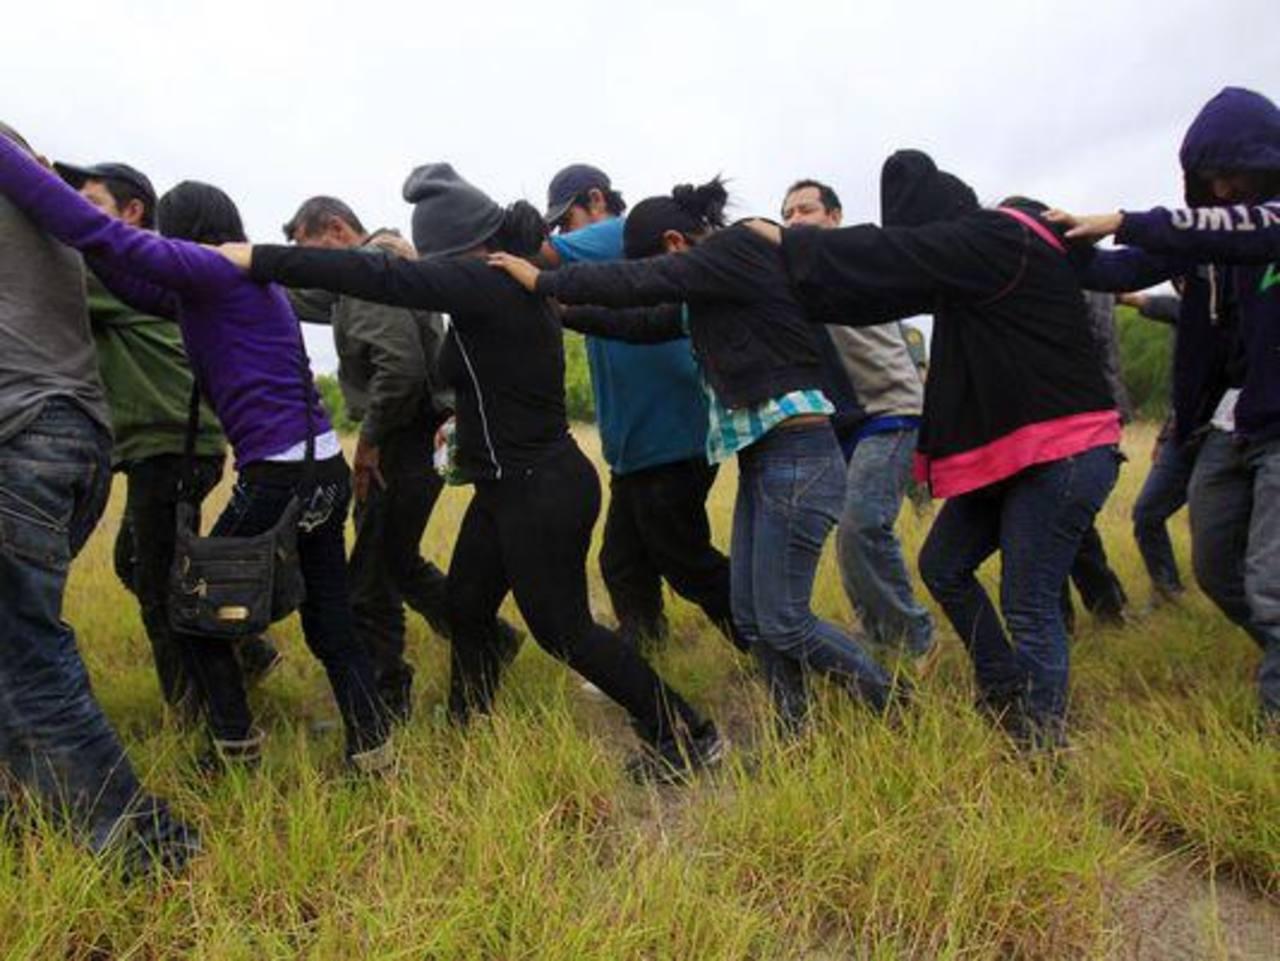 Inmigrantes detenidos en un campamento improvisado en los suburbios del sur de Texas. foto edh / archivo